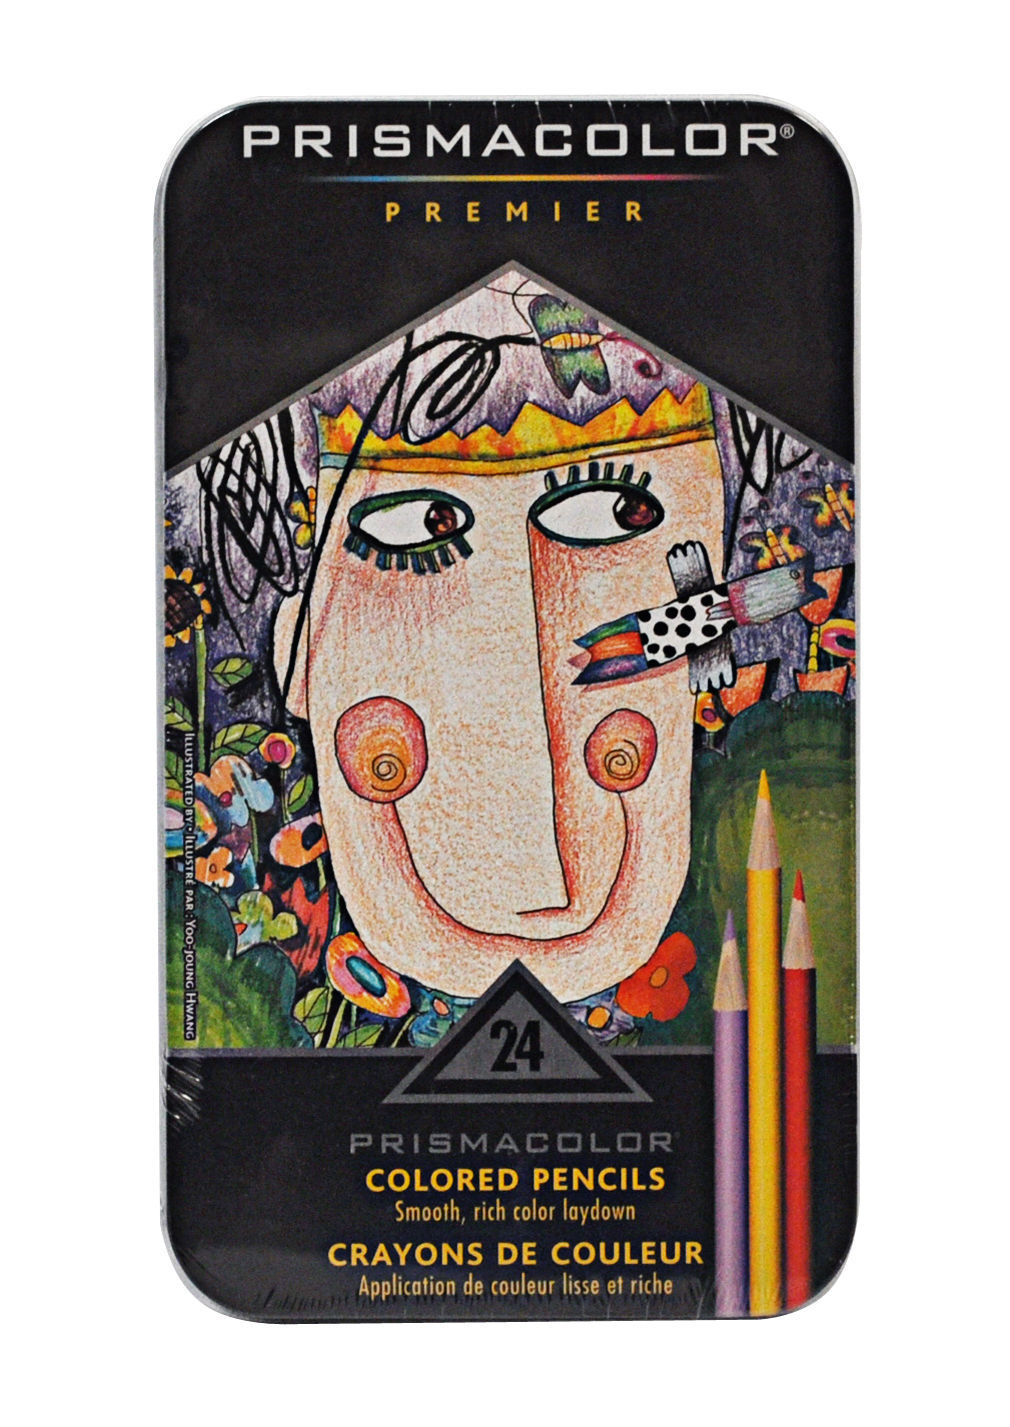 Prismacolor Premier 24 Colored Pencils